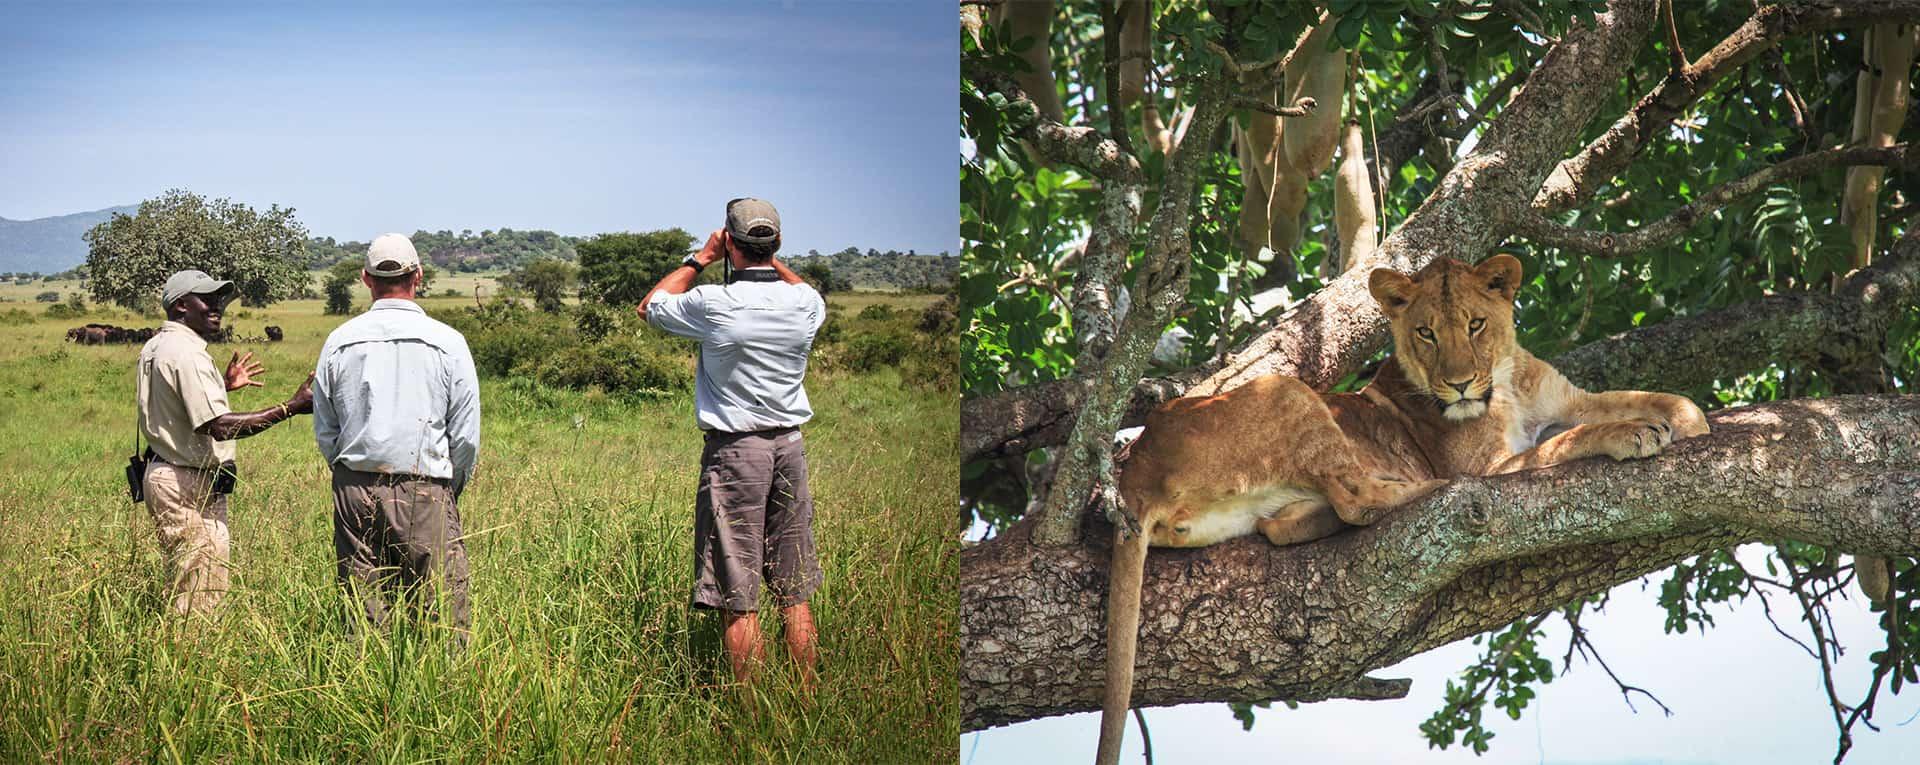 Kidepo Valley Safari & Tour